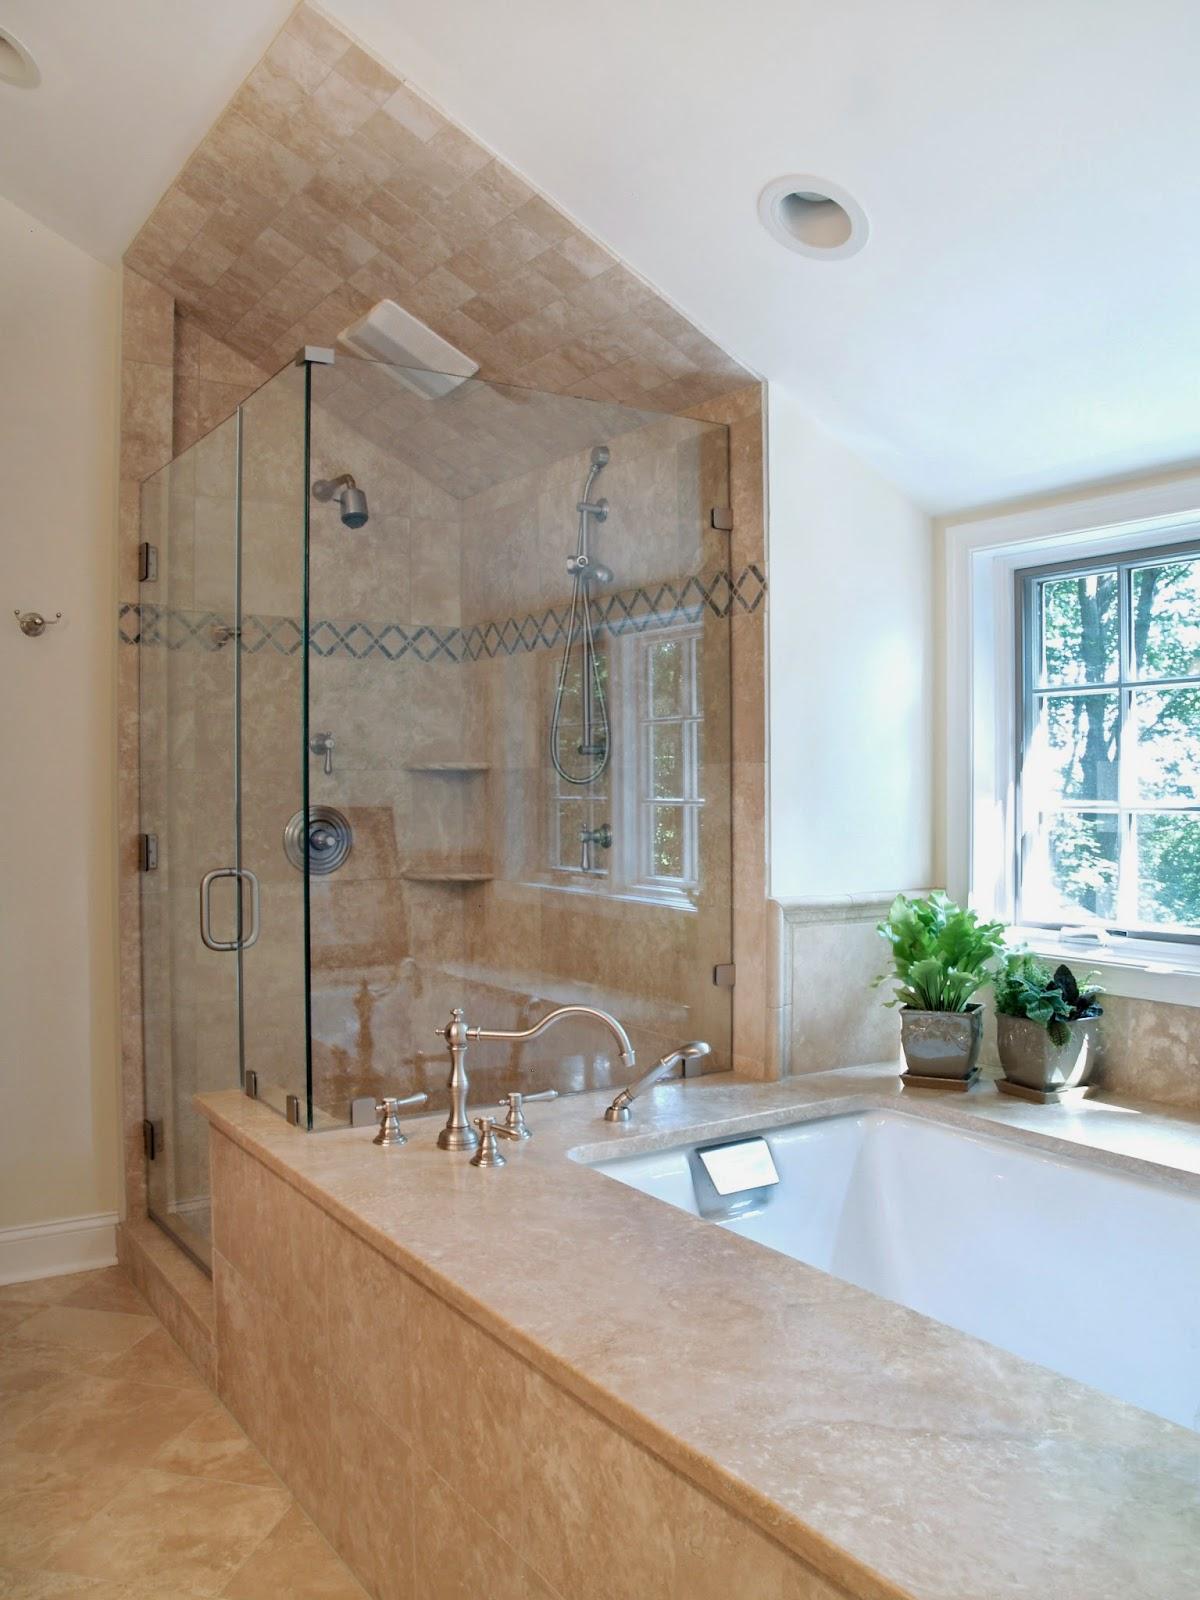 showerdoorny us 2015 shower stall or bathtub